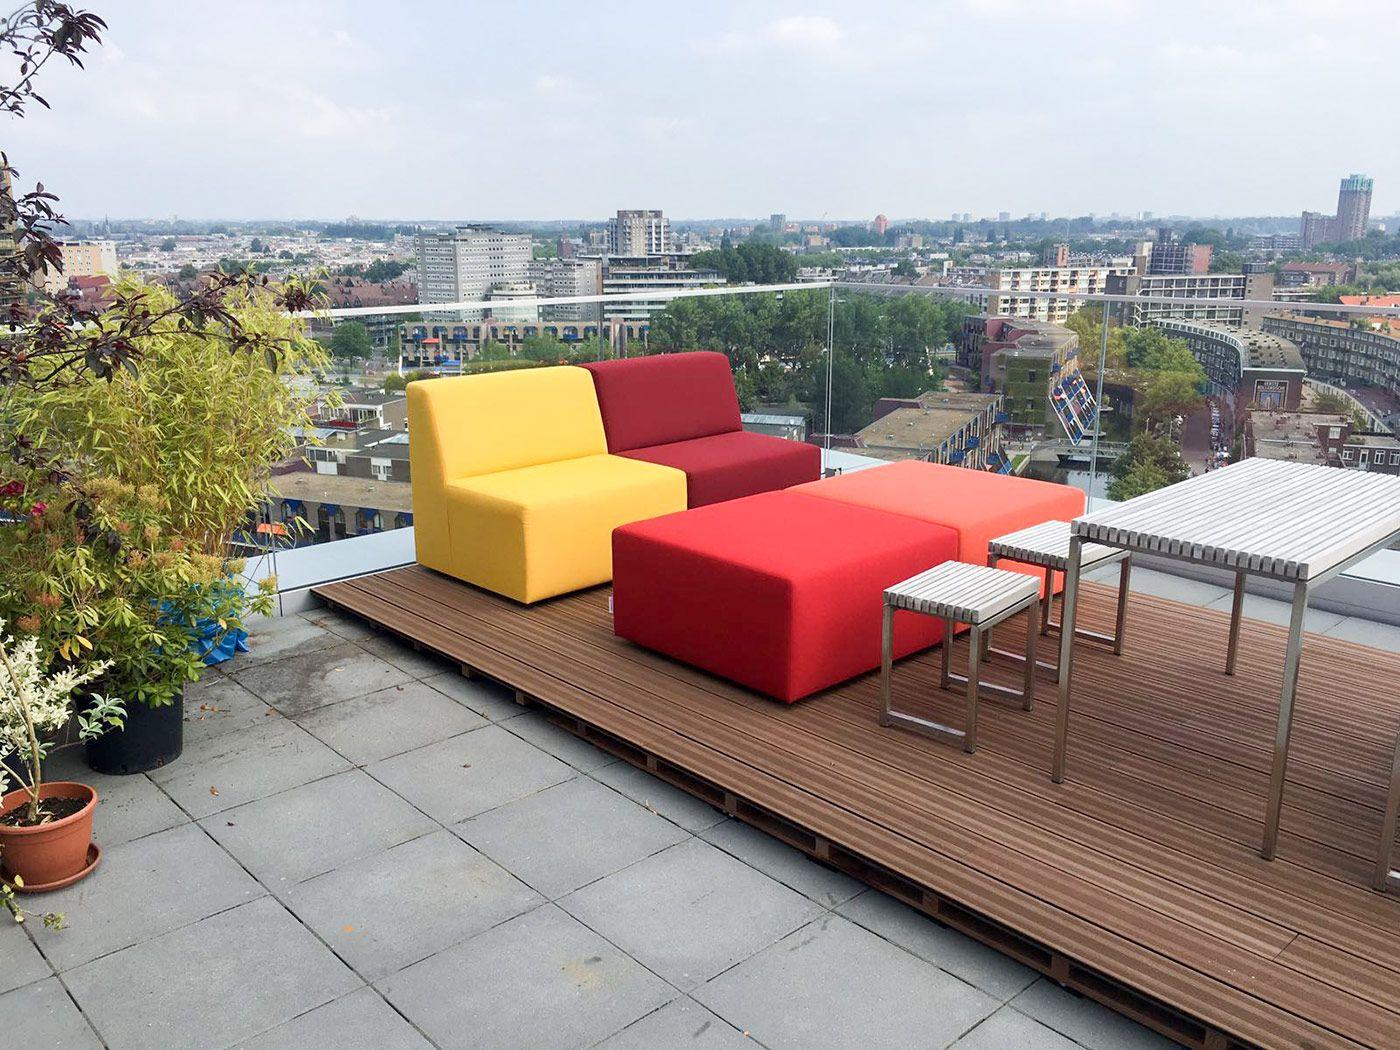 Loungeset met uitzicht